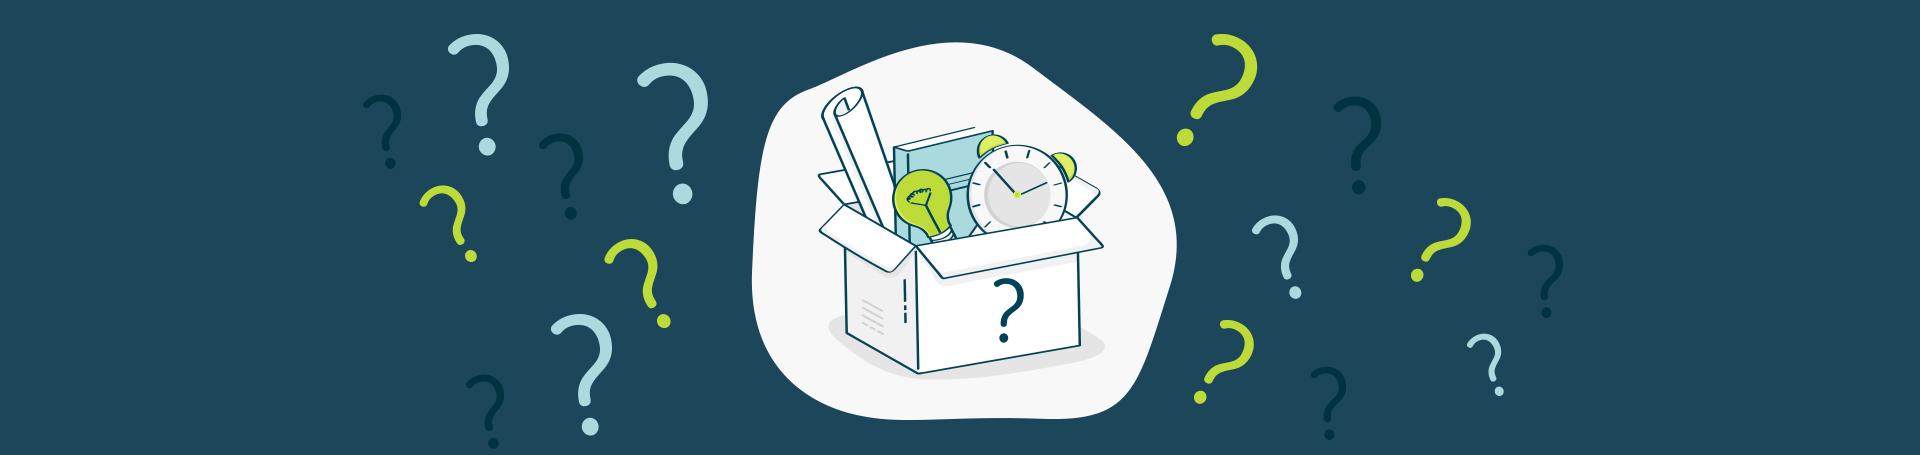 O que, como, onde e para quê? As perguntas básicas do Empreendedorismo